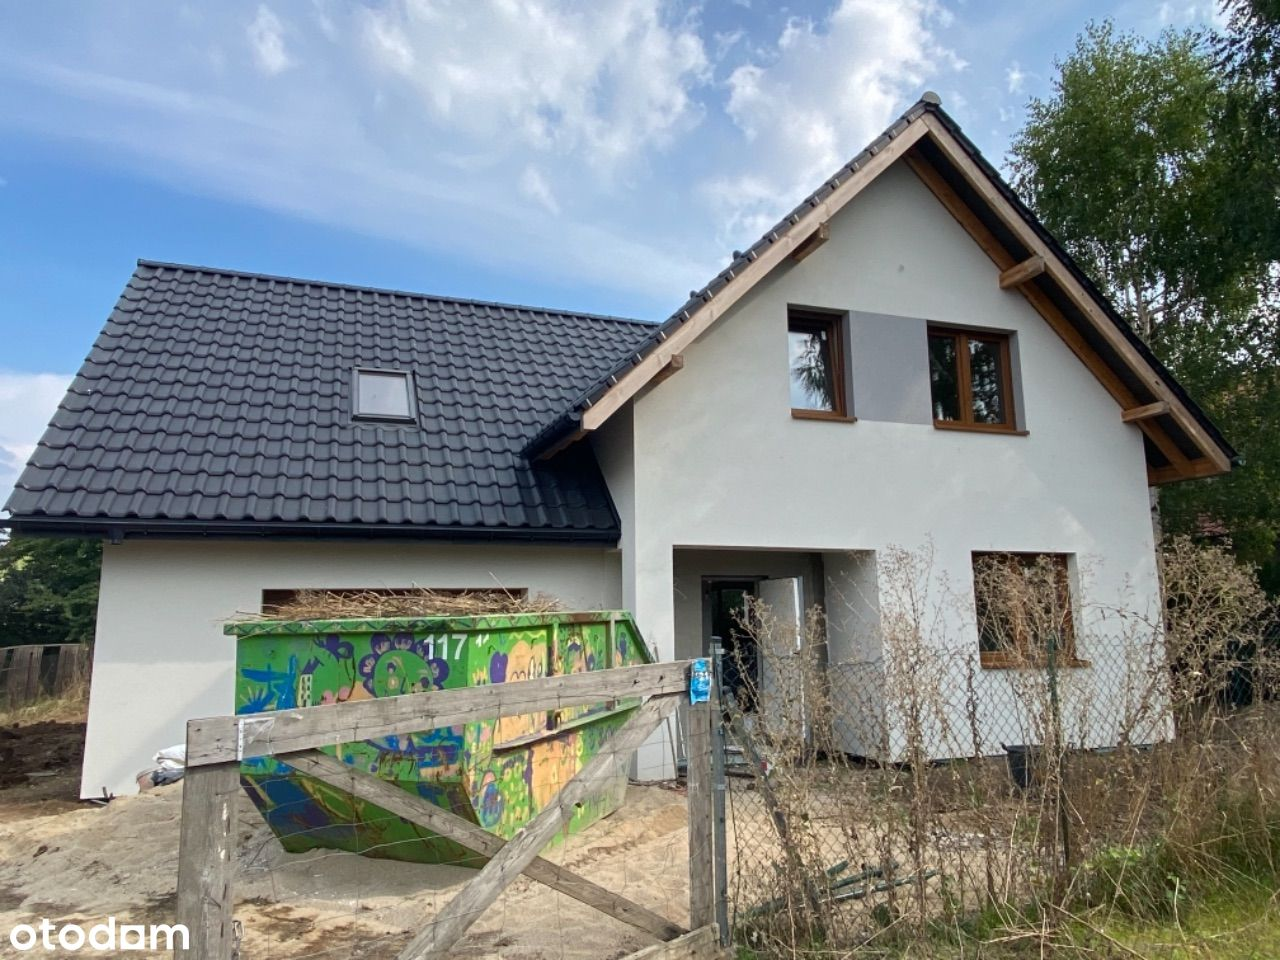 Nowy dom wolnostojący. Legnica, stan deweloperski